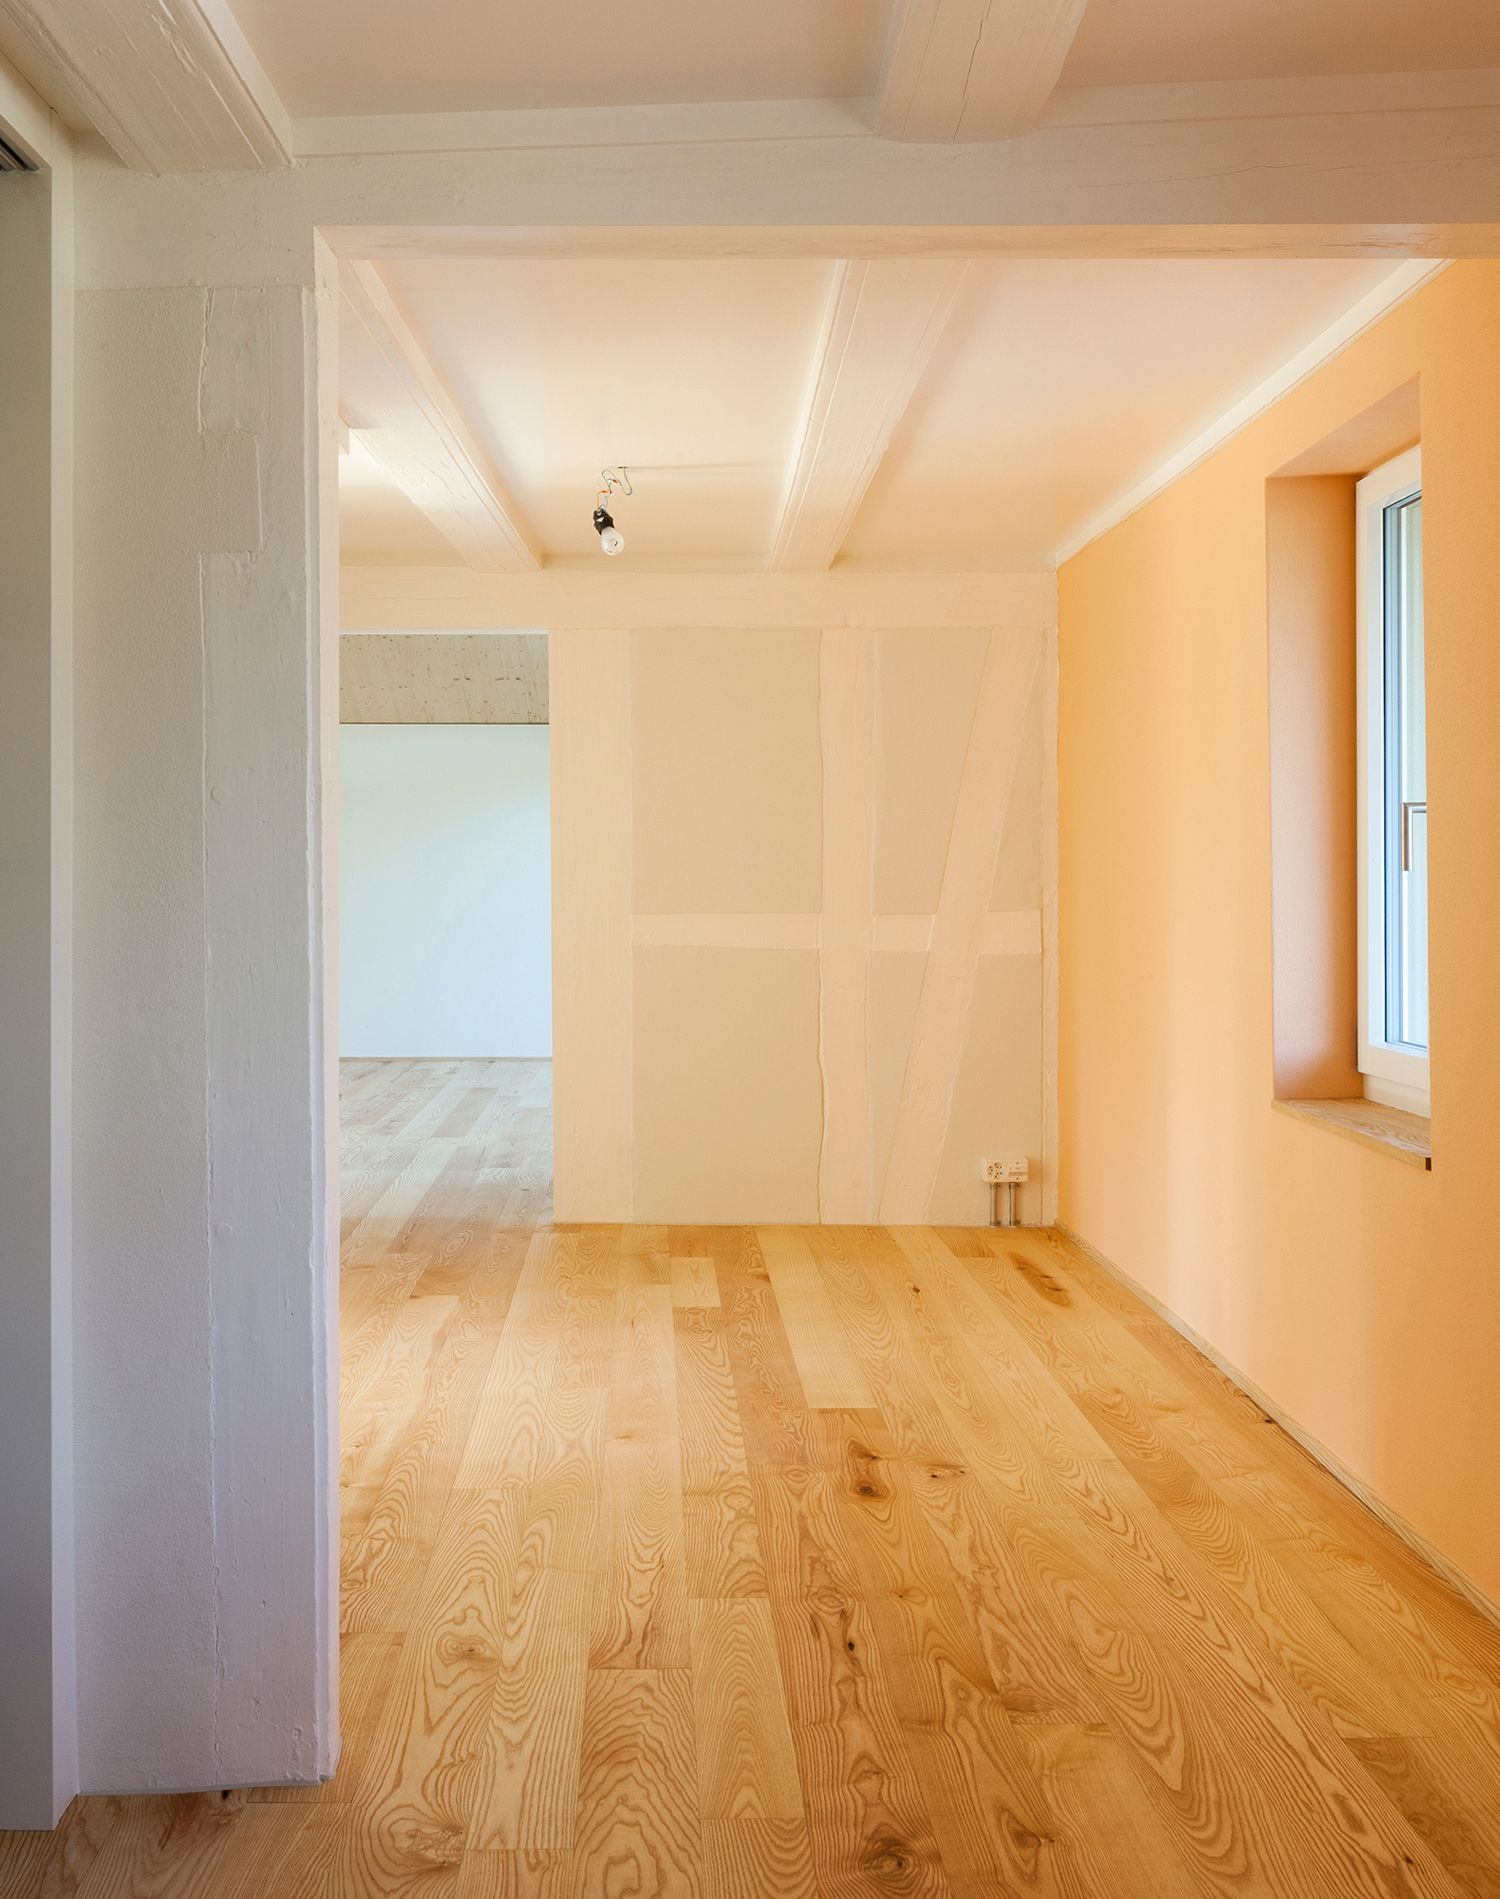 Jeder Massivholzboden Hat Seinen Ganz Eigenen Charakter Und Ist Auch Fur Den Umbau Oder Sanierungen Geeignet Schaerholzbau Verarb Holz Bodenheizung Esche Holz